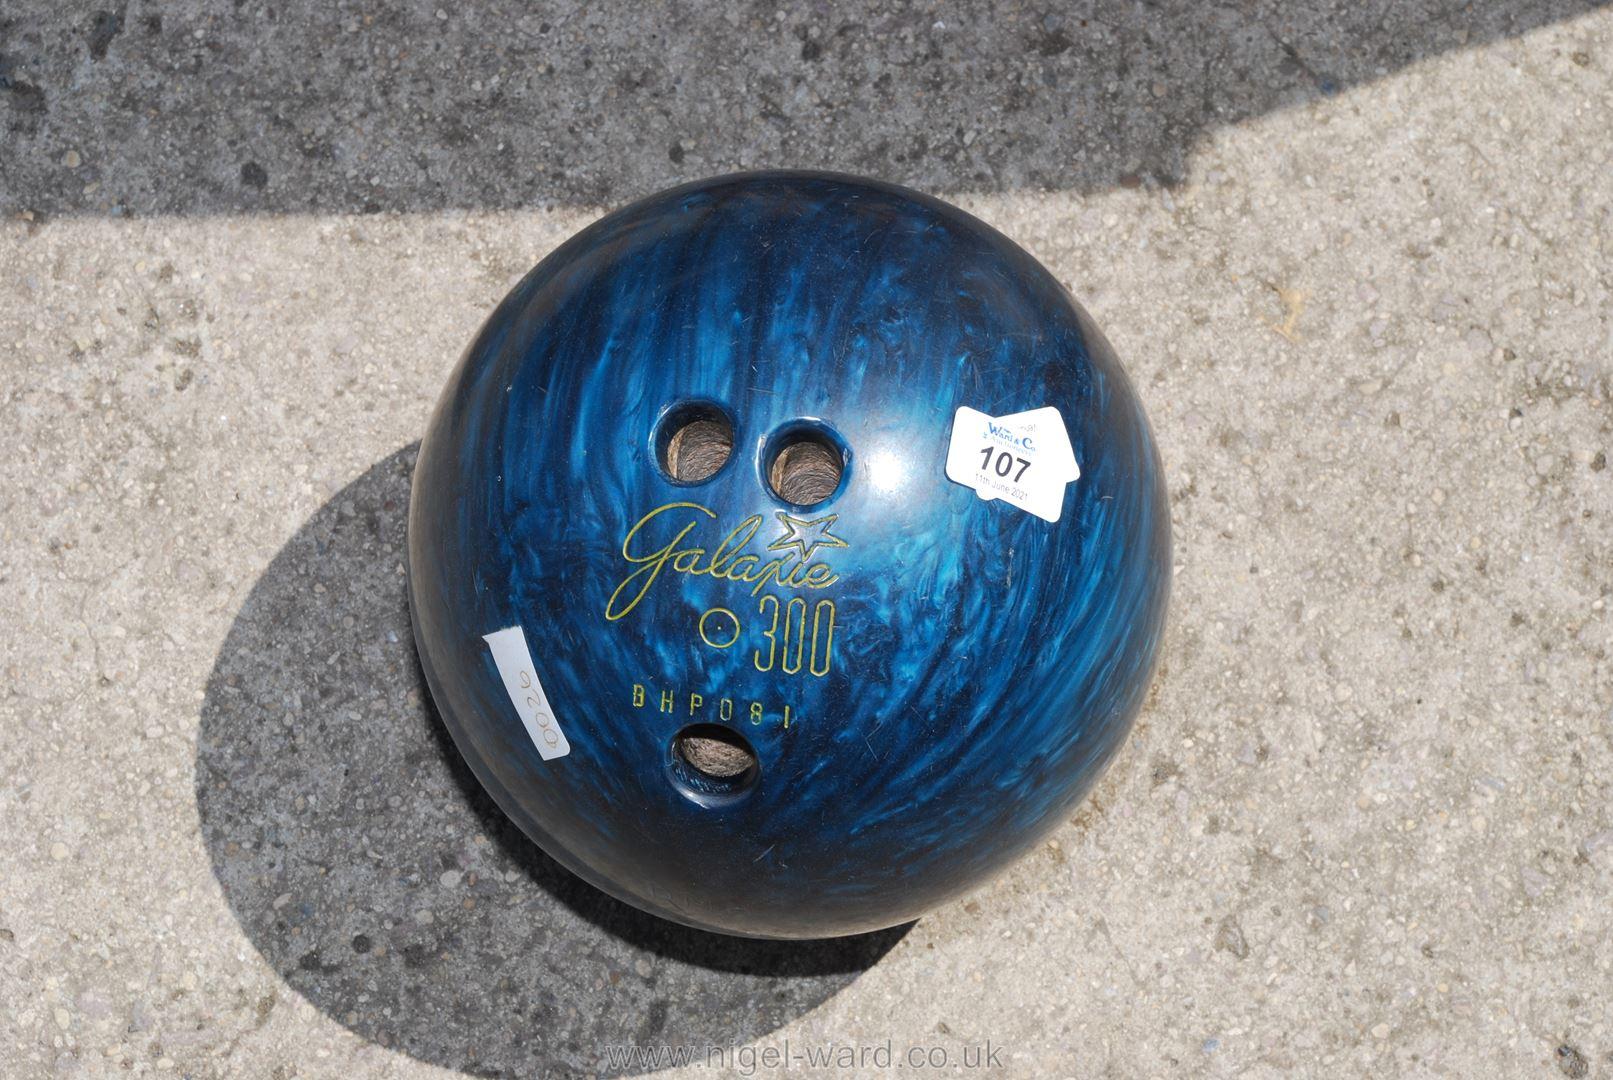 A Galapie 300 BHP081 ten pin Bowling Ball.